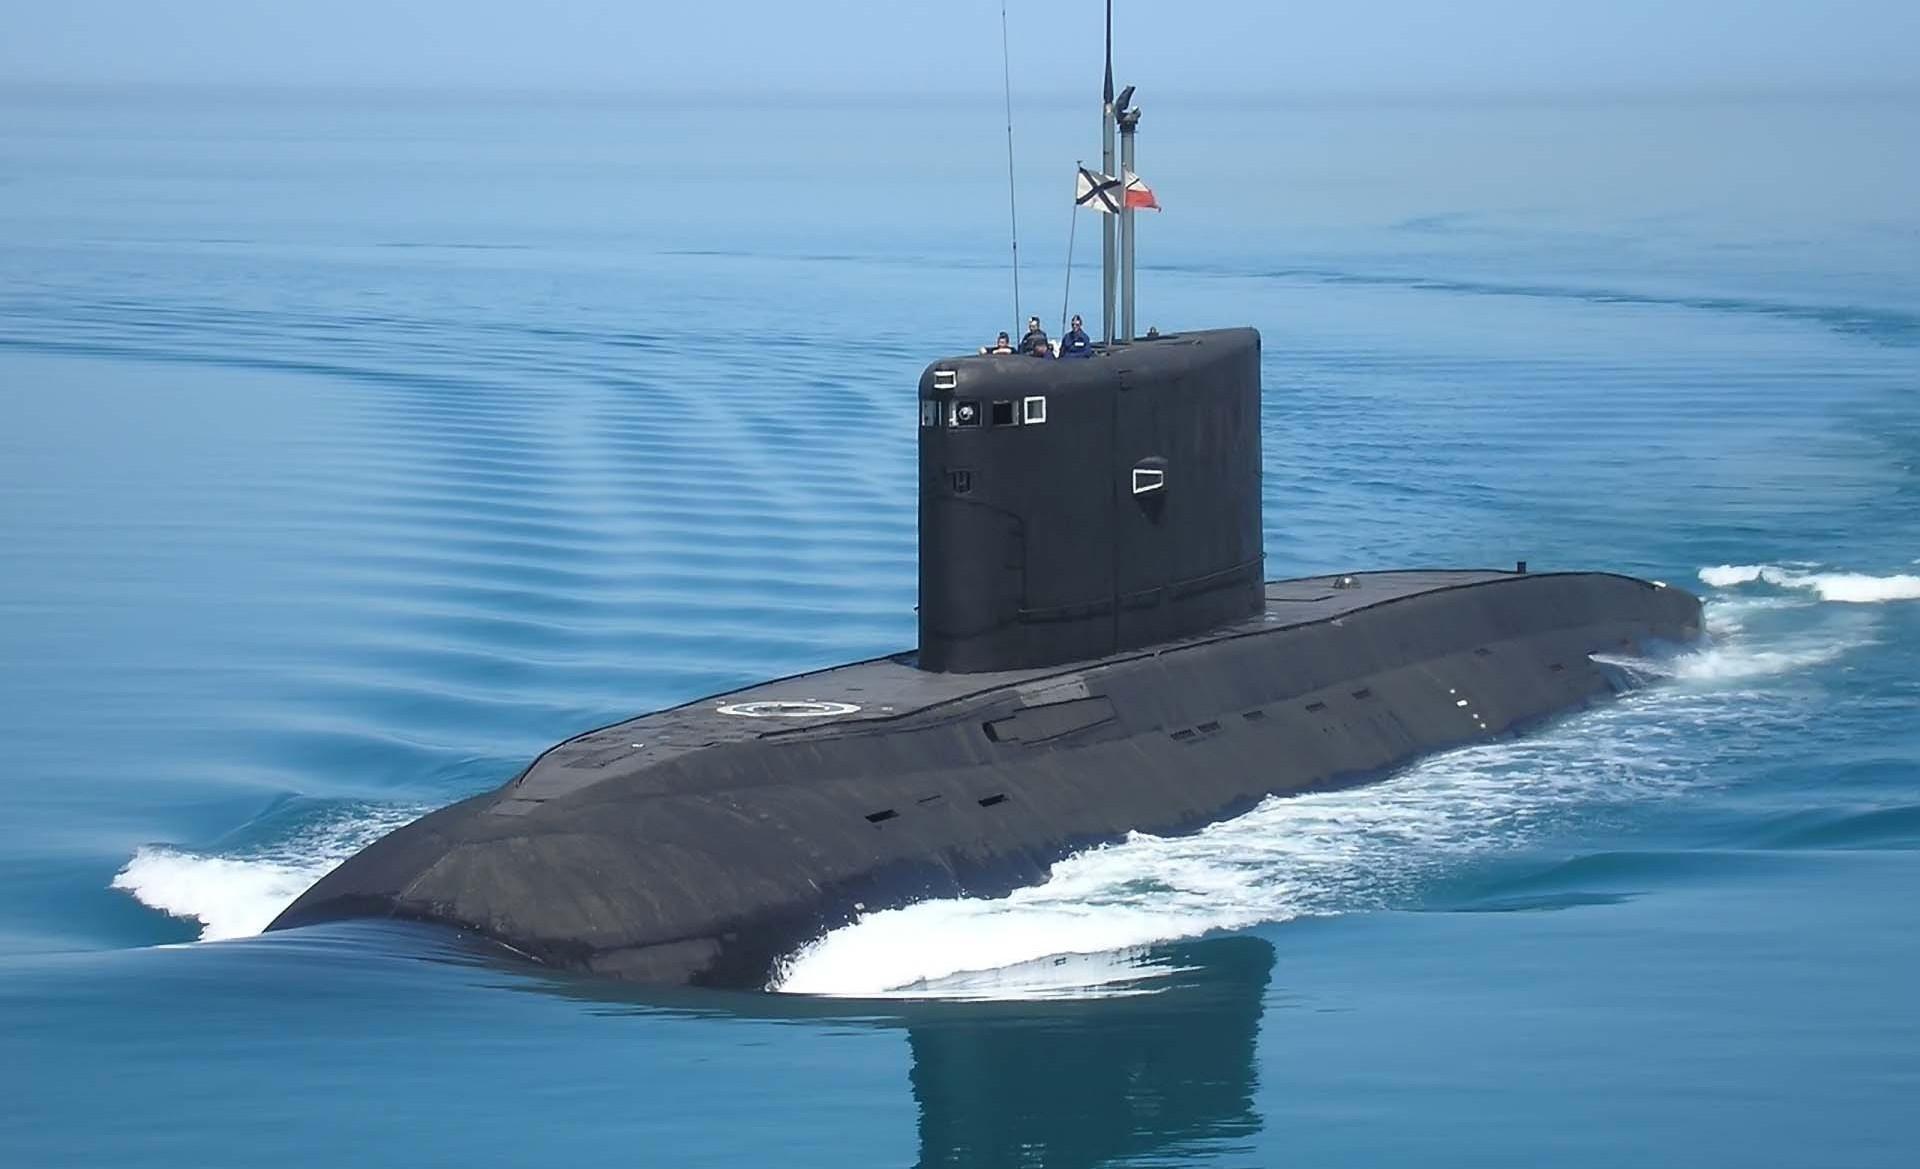 Entre as 15 novas embarcações que ingressarão na Frota do Pacífico estão o submarino diesel-elétrico Pertropavlovsk-Kamchatsky do Projeto 636.3